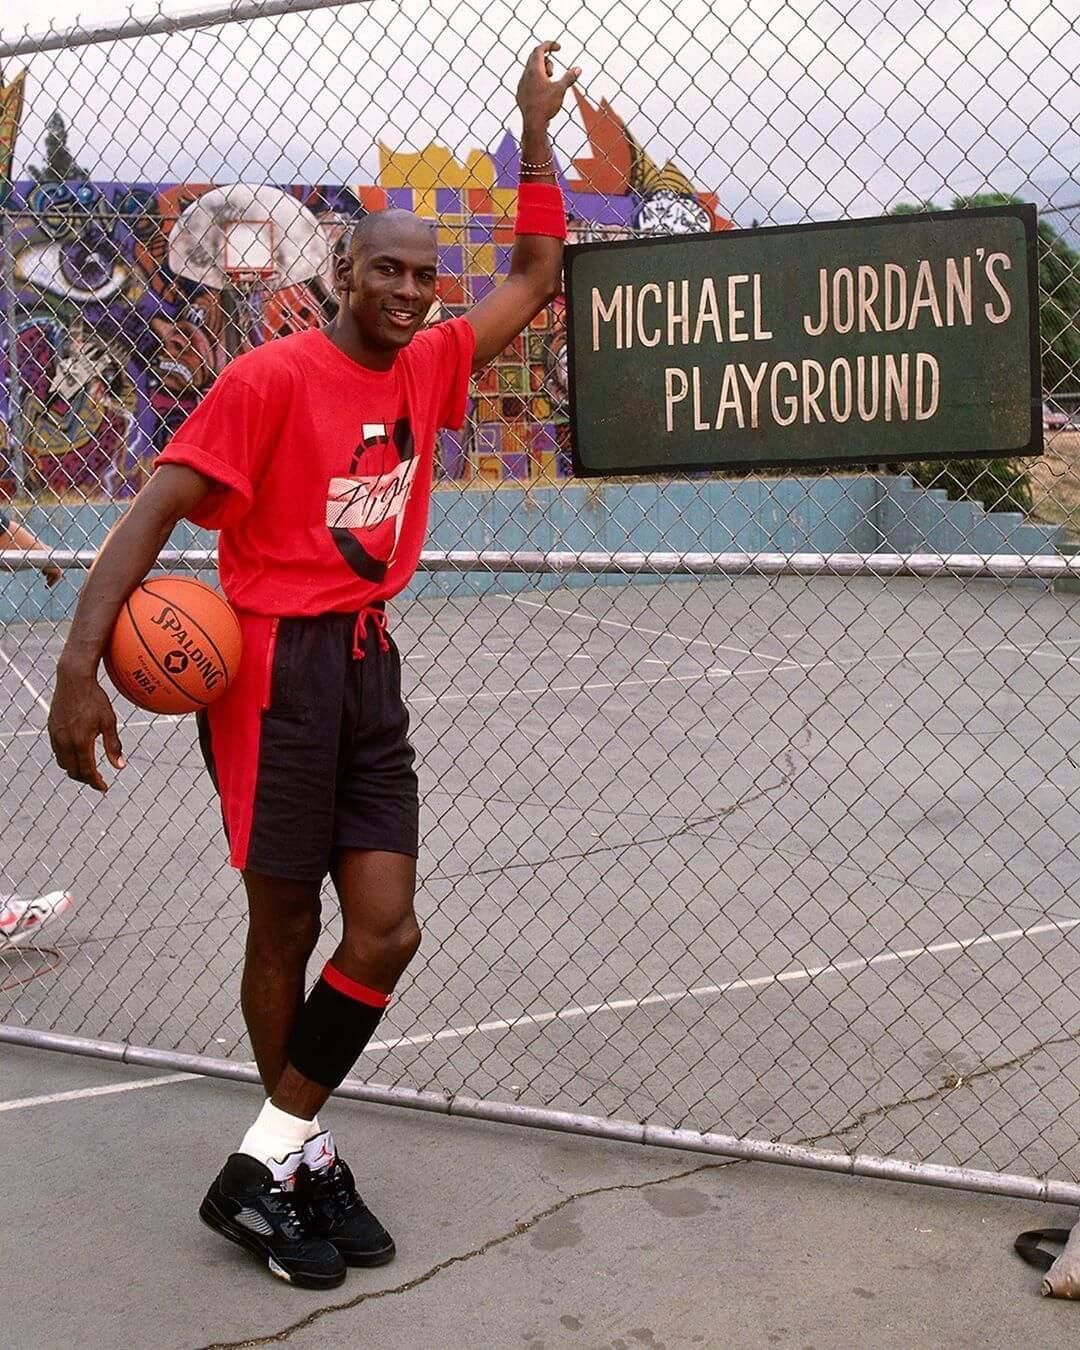 La primera película de Zack Snyder es una reliquia protagonizada por Michael Jordan en 1990